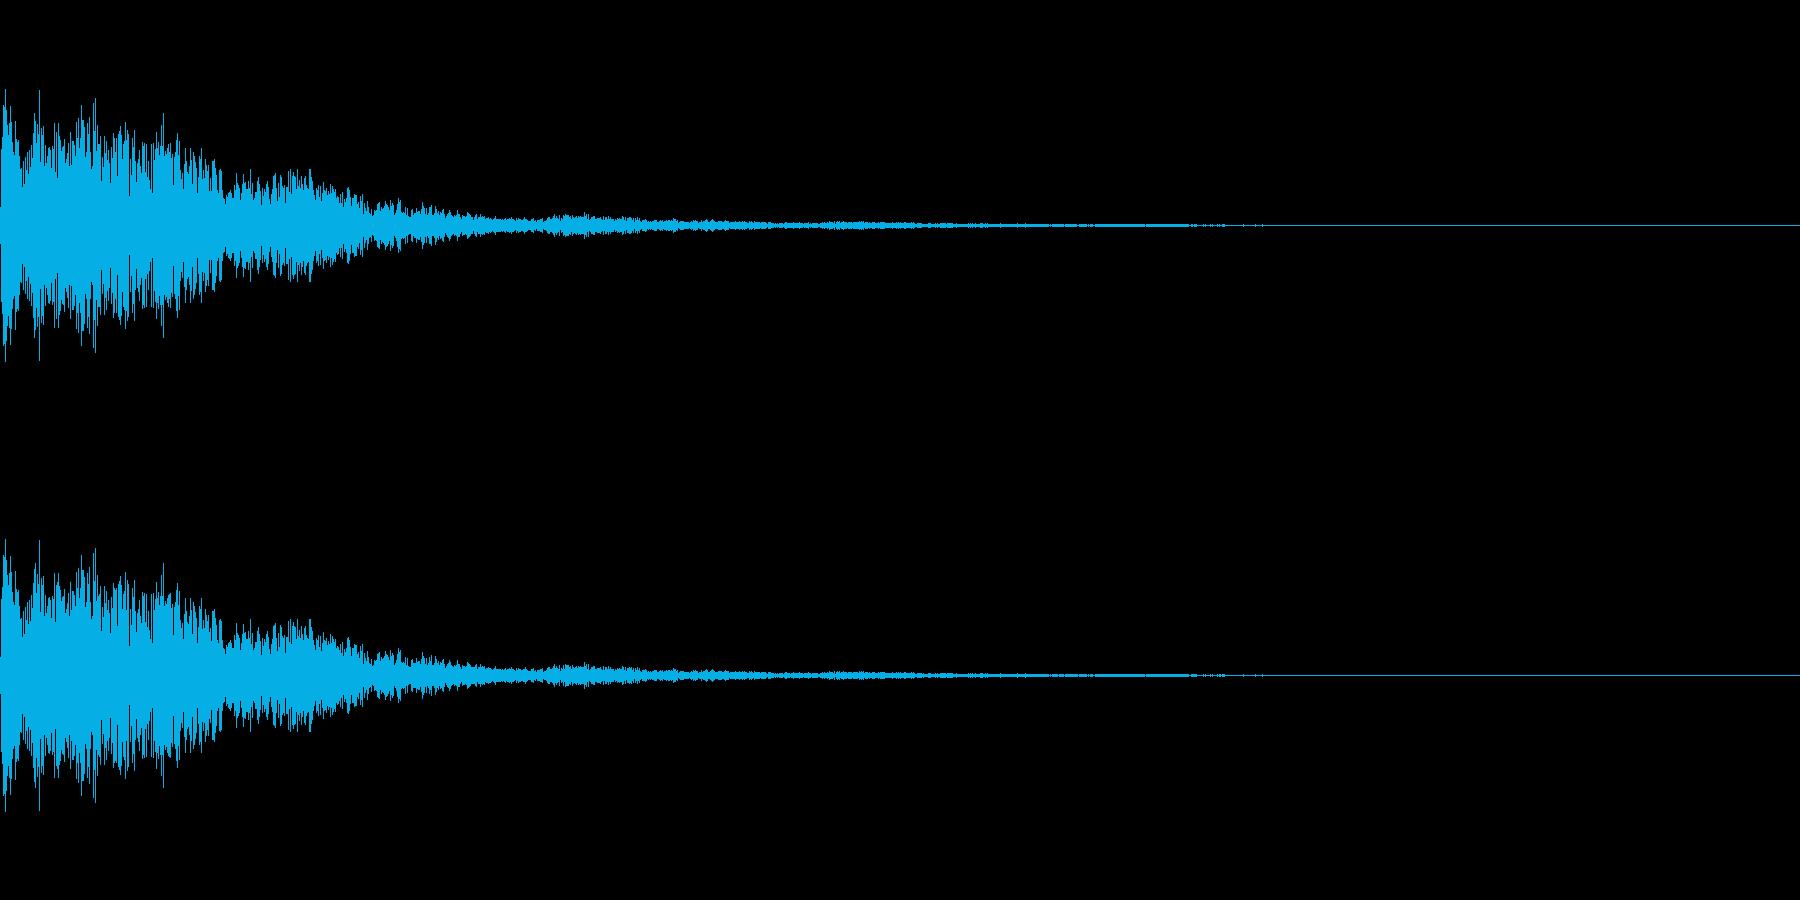 金属質なクリック音の再生済みの波形